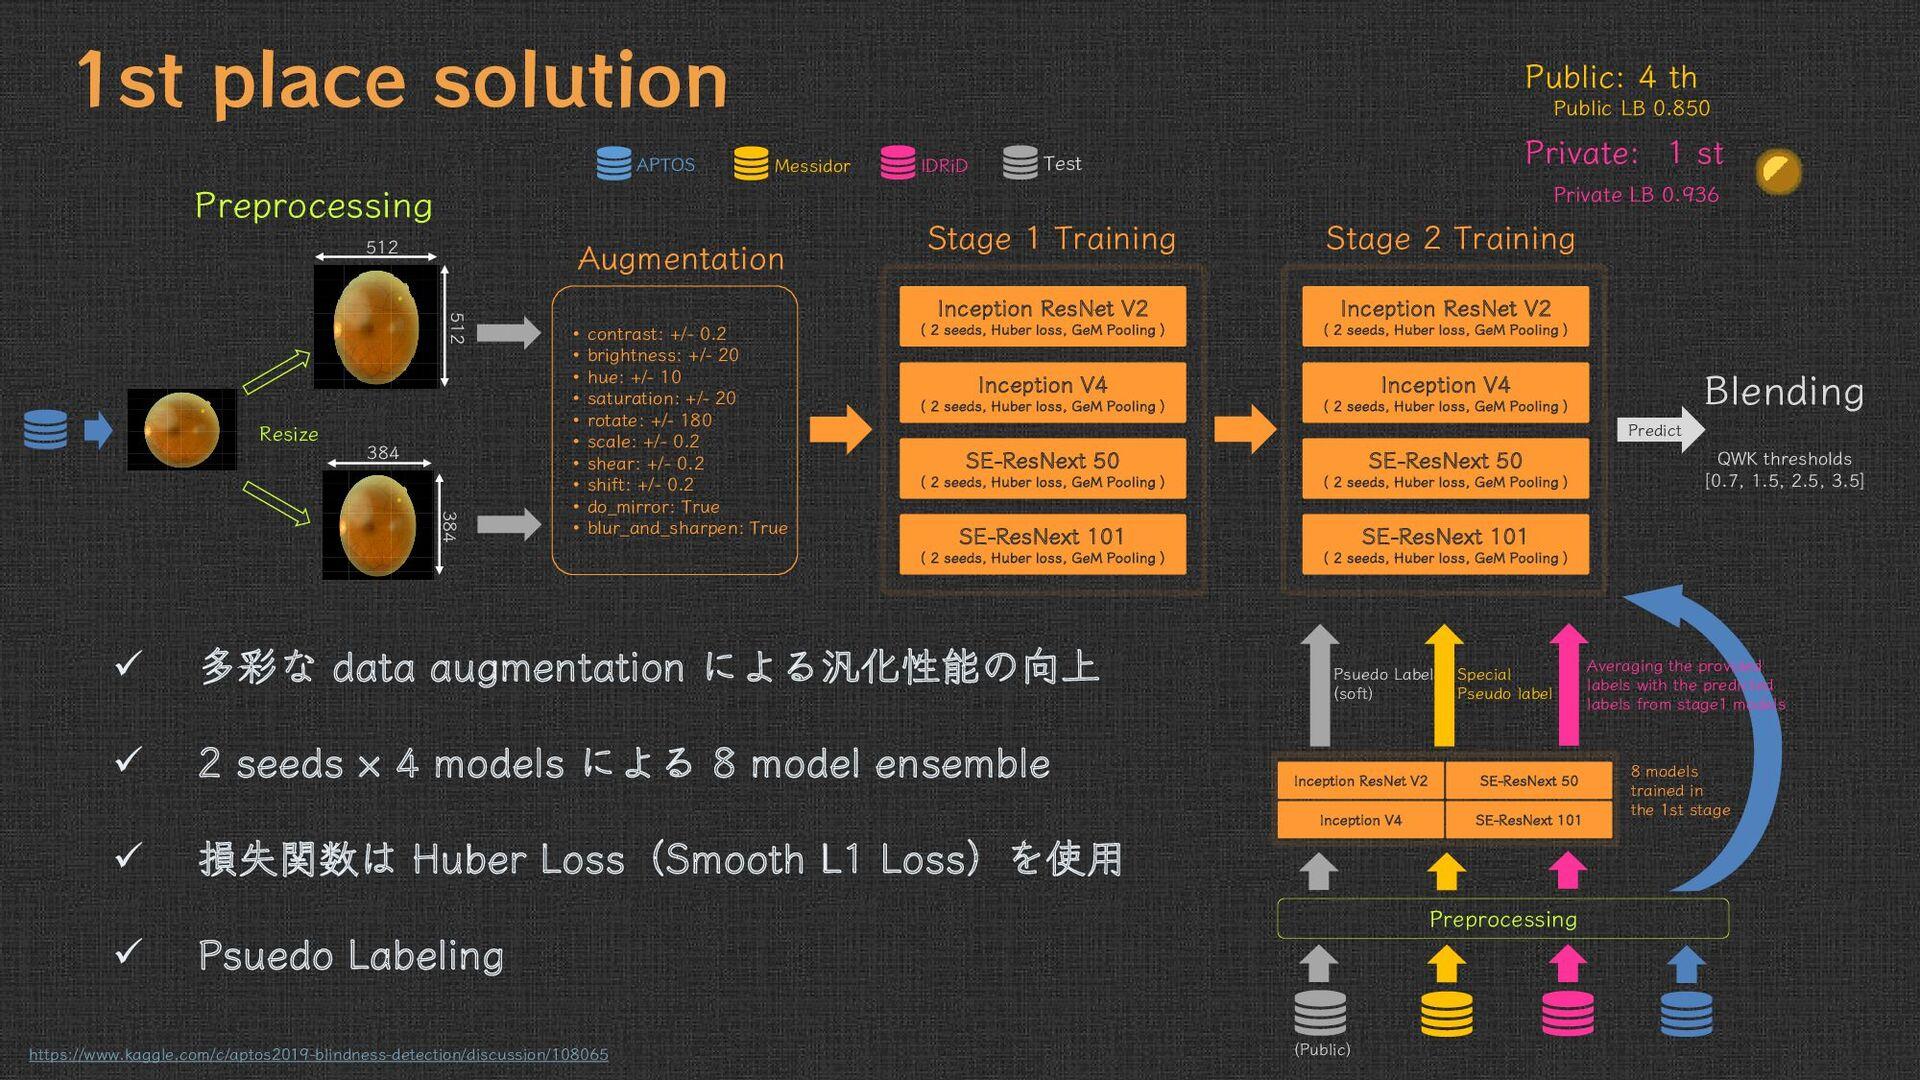 1st place solution 384 384 512 512 Guanshuo Xu ...